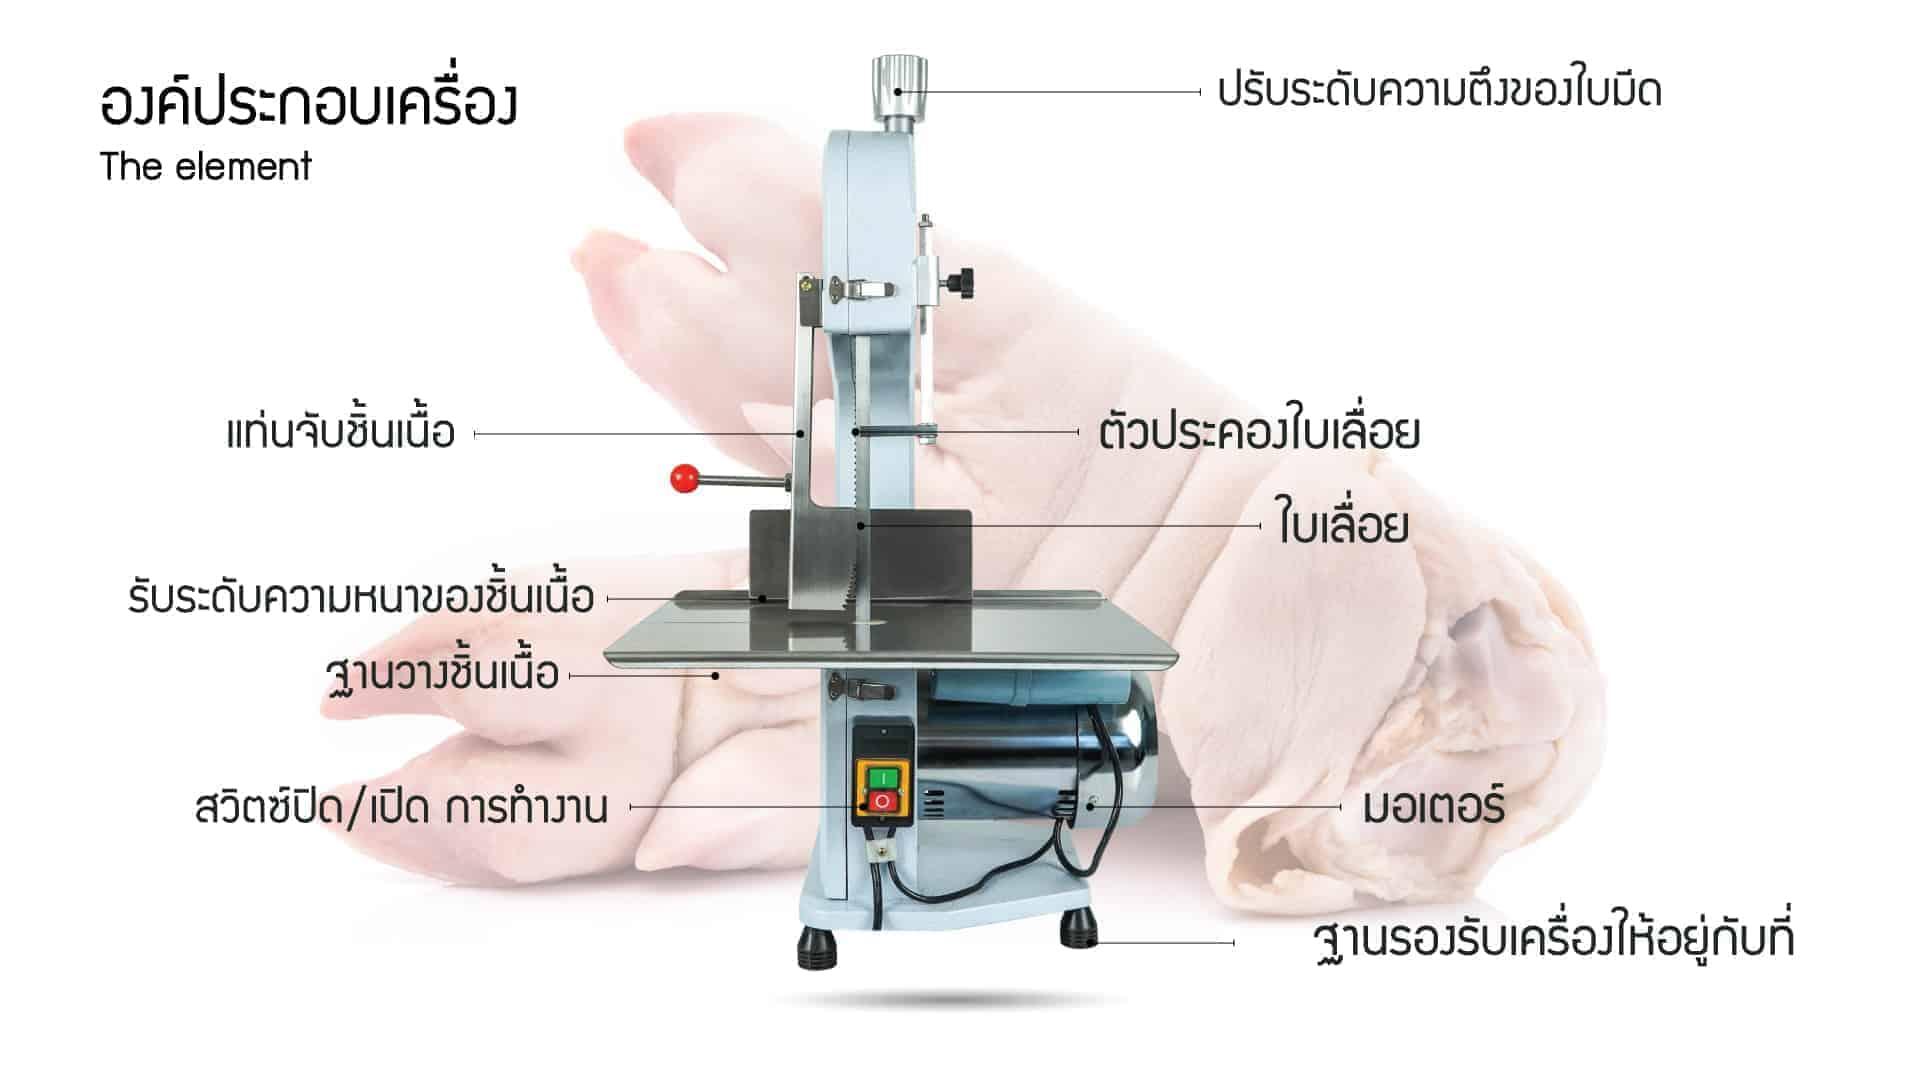 เครื่องตัดกระดูกหมู-BC130-190-ลักษณะ6